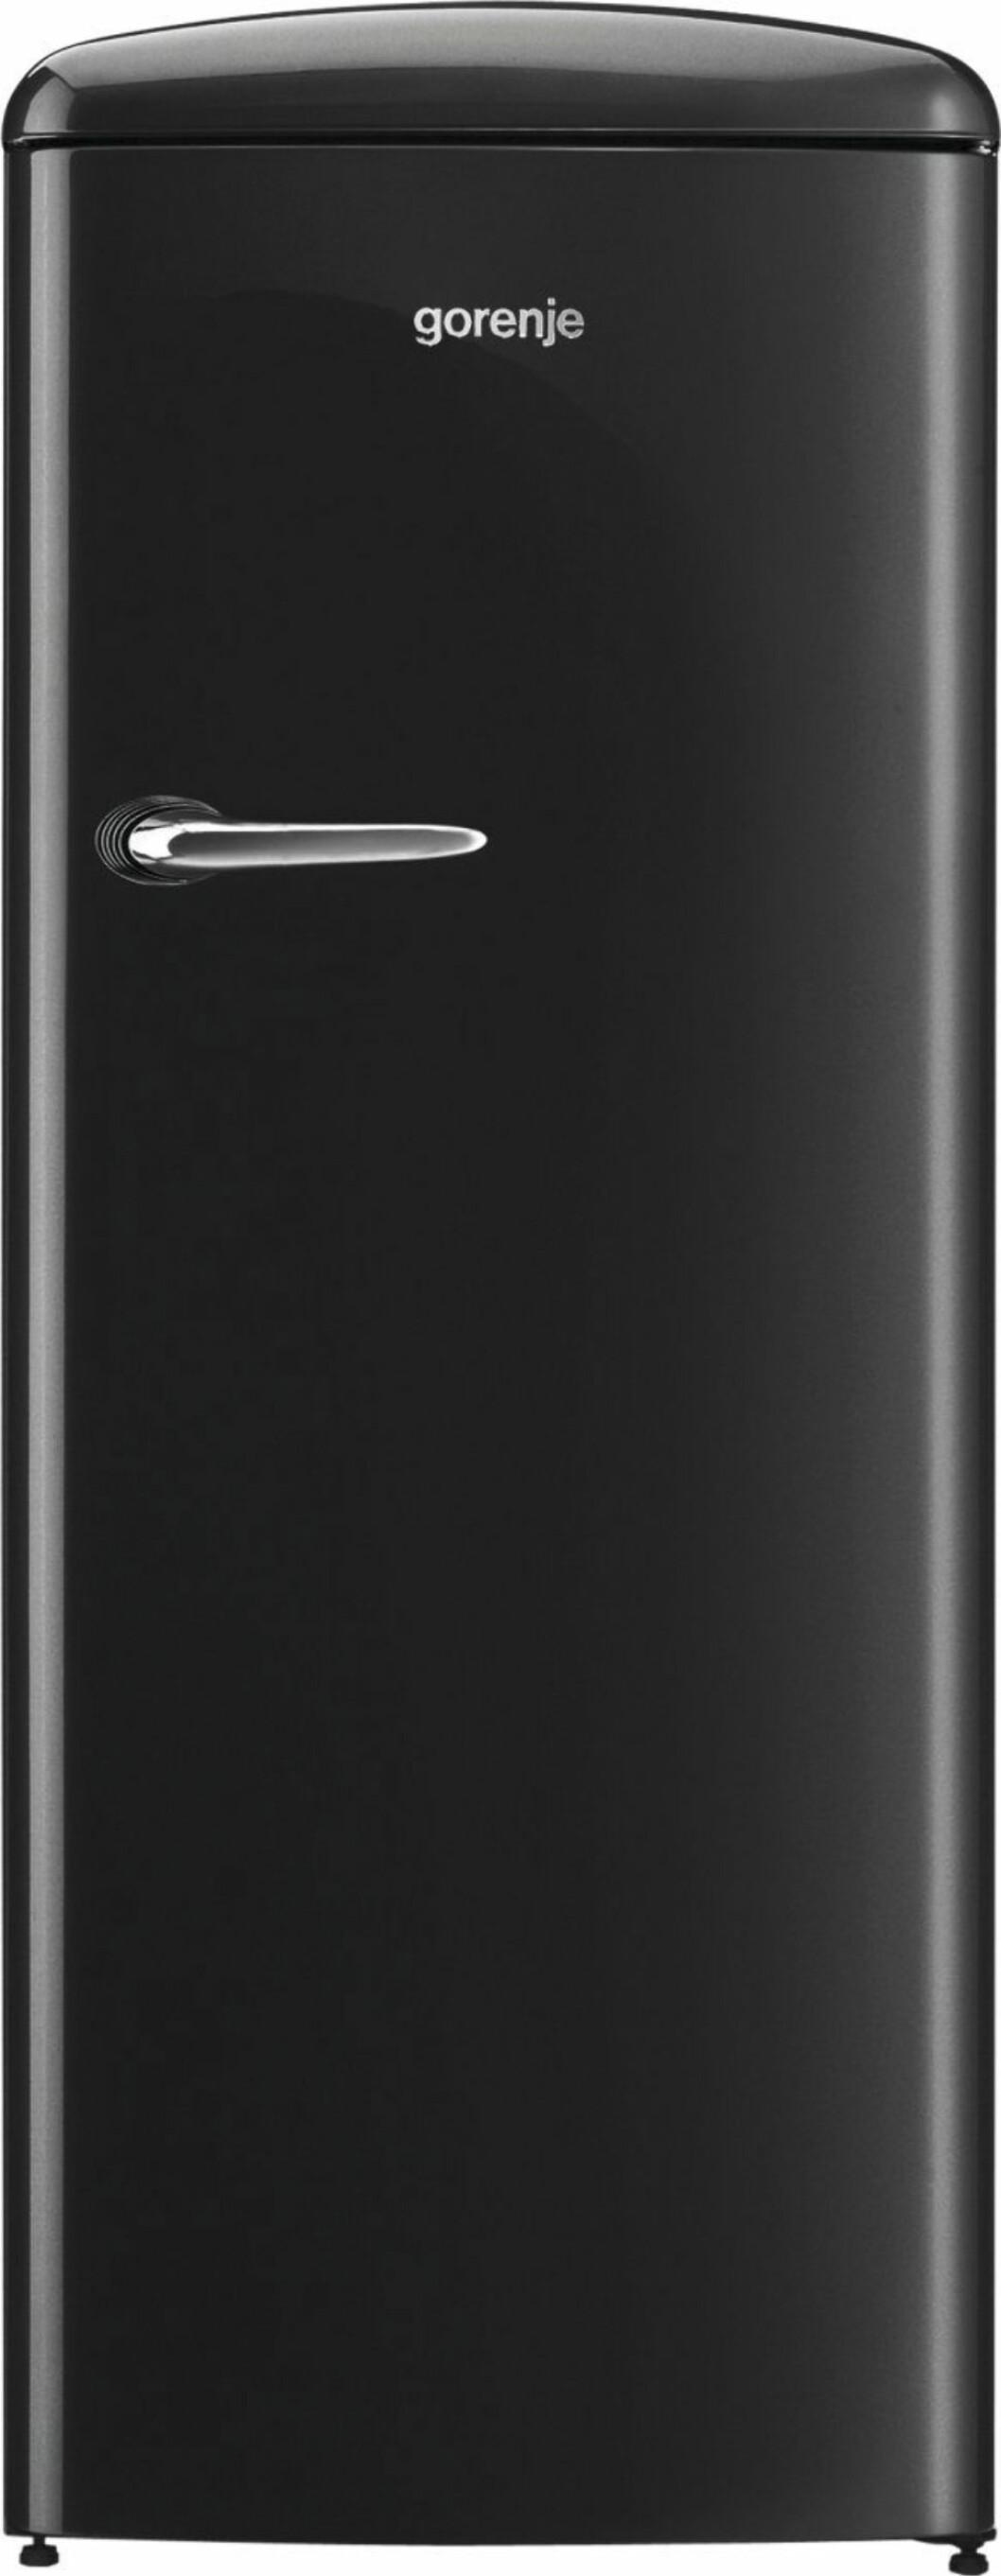 Stramt retro-kjøleskap med innvendig fryser (kr 9900, Gorenje). Foto: Produsenten